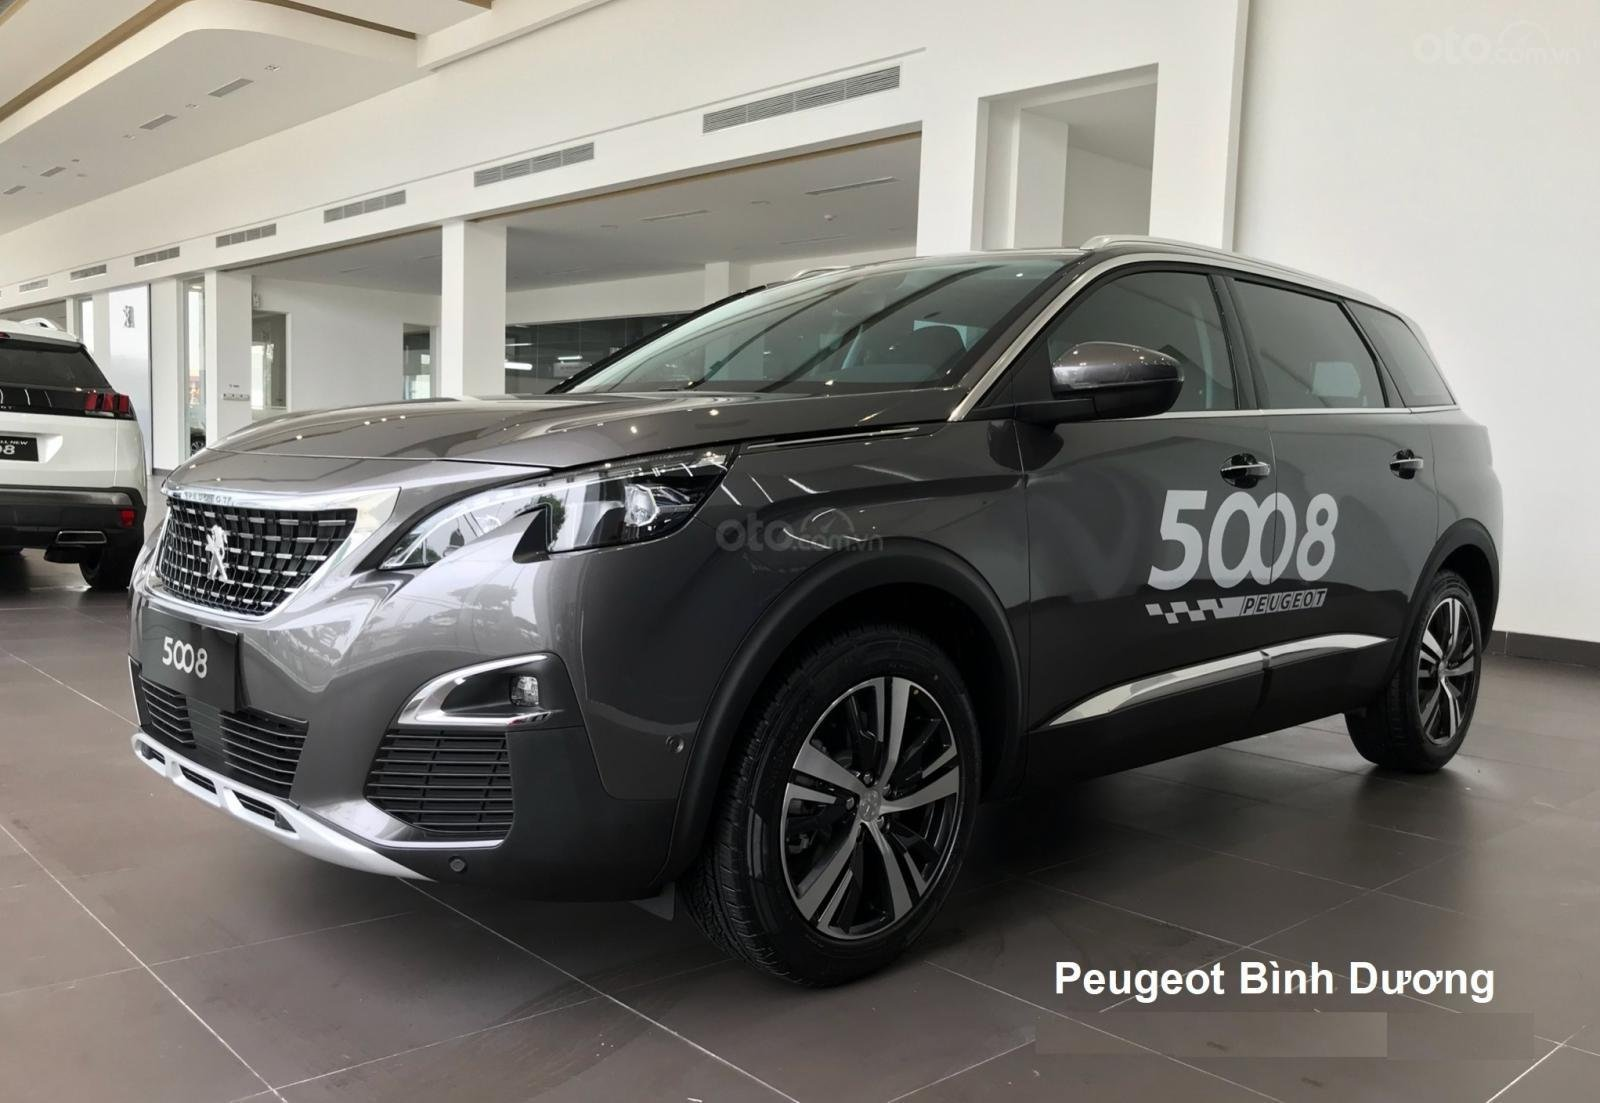 Peugeot 5008 2019 - Đủ màu, Giao xe ngay - Giá tốt nhất - 0938.901.869 (3)